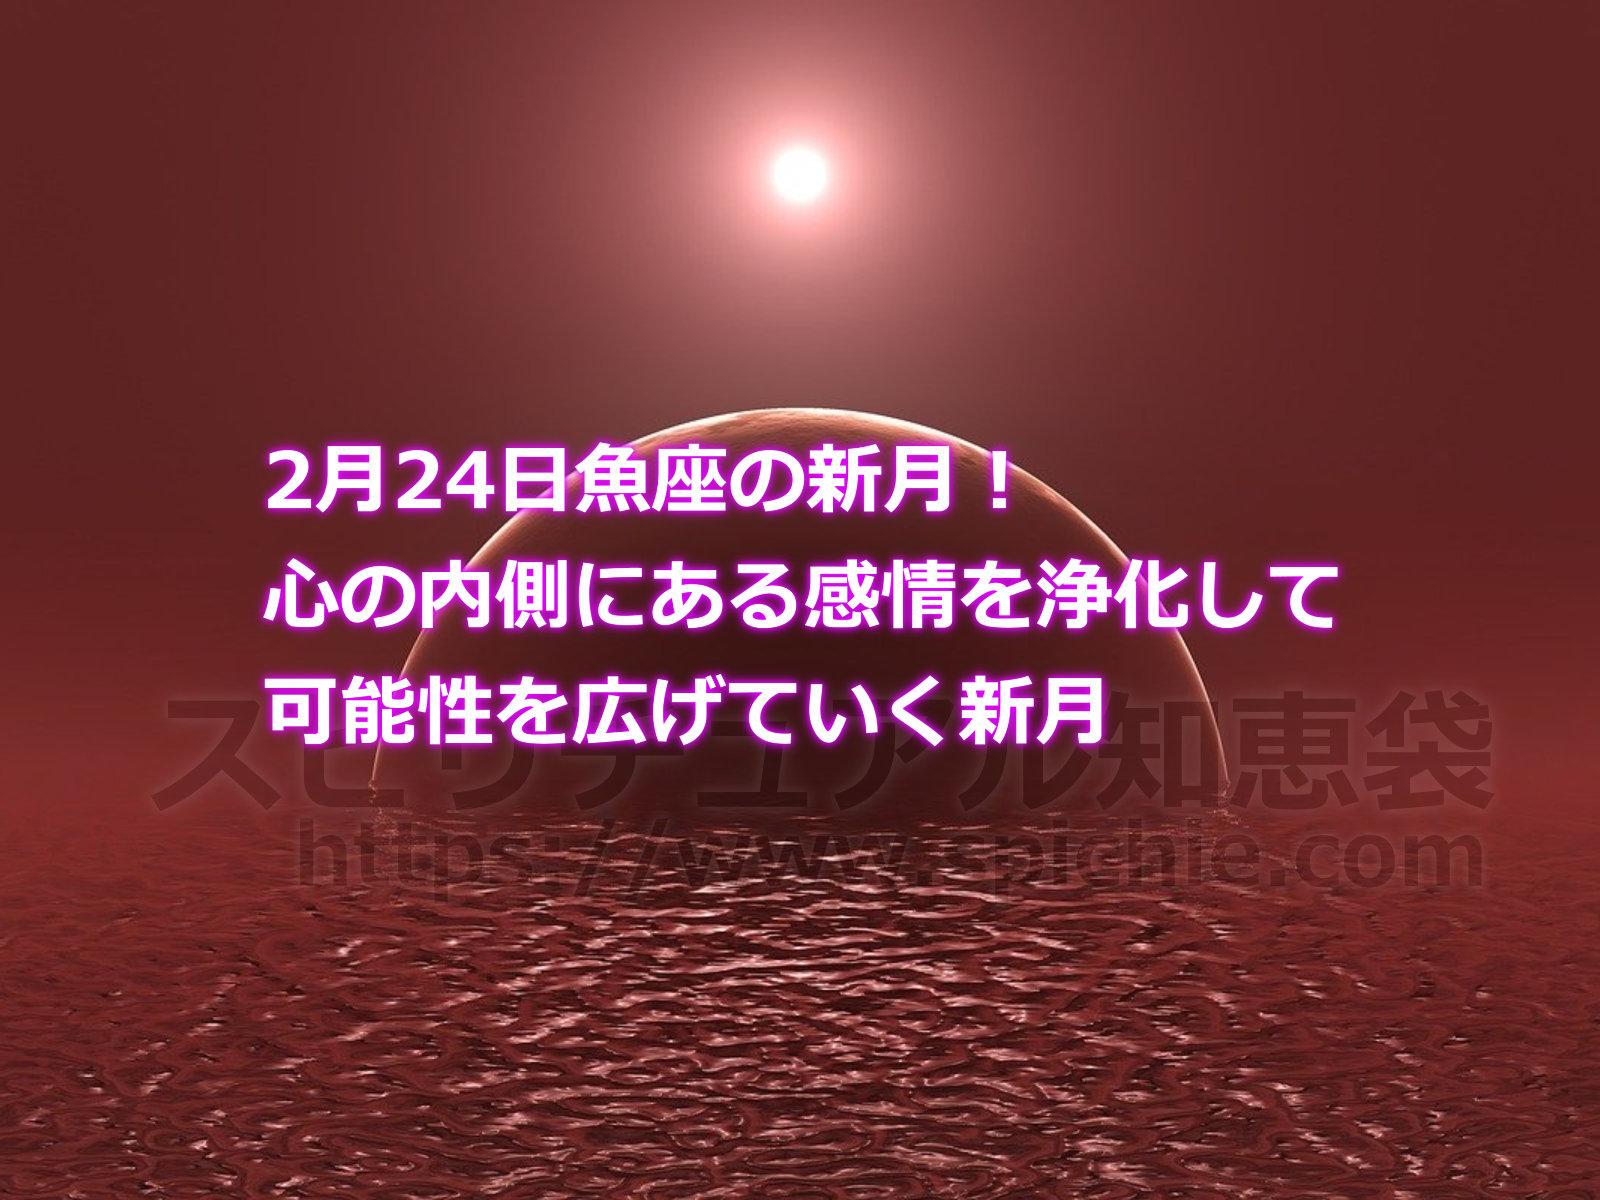 2月24日魚座の新月!心の内側にある感情を浄化して可能性を広げていく新月のアイキャッチ画像